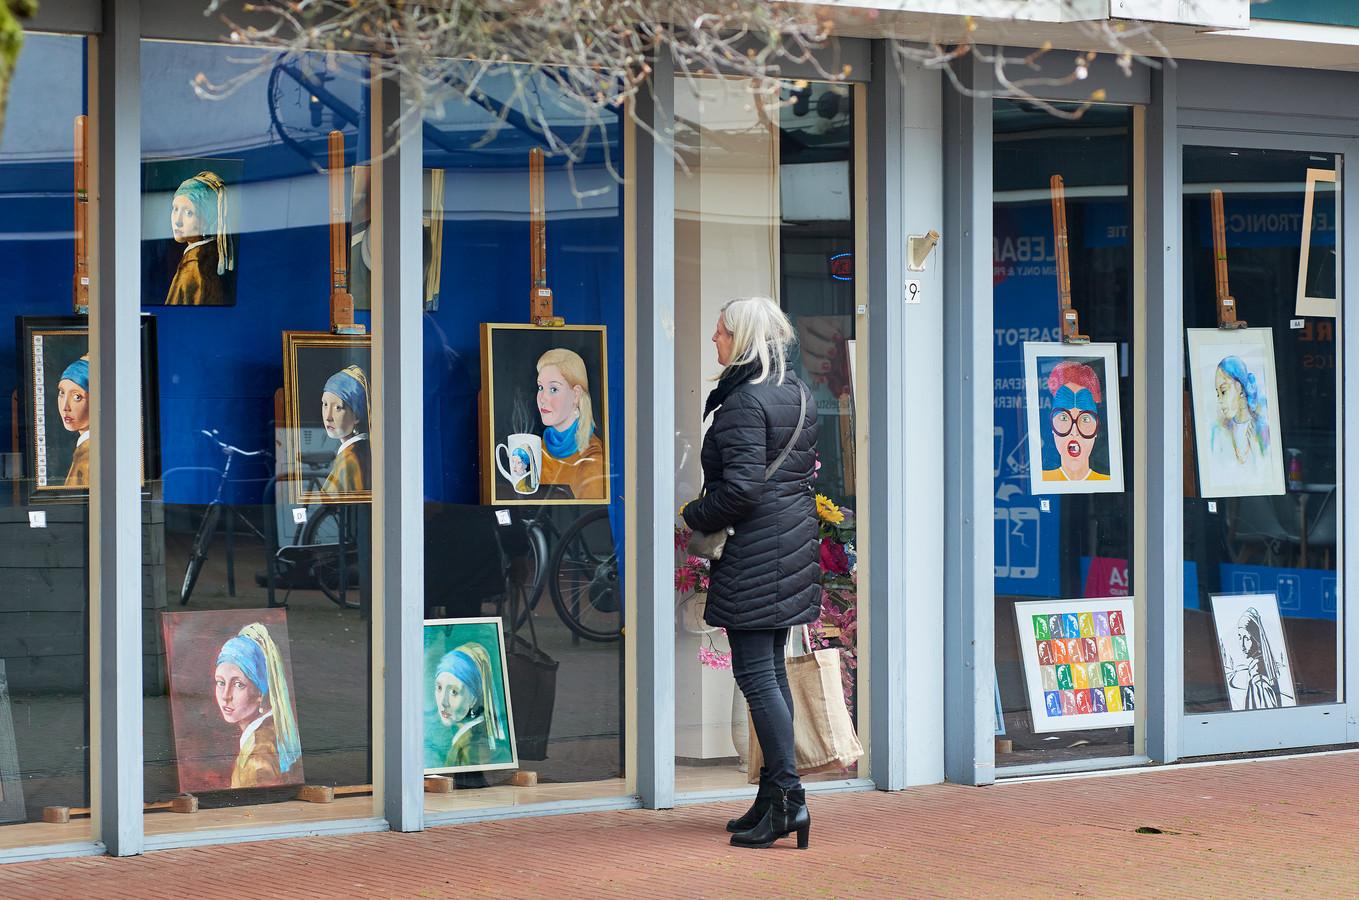 Schilderijen van het meisje met de parel in een lege winkel aan de Meijerijgaarde in Veghel.